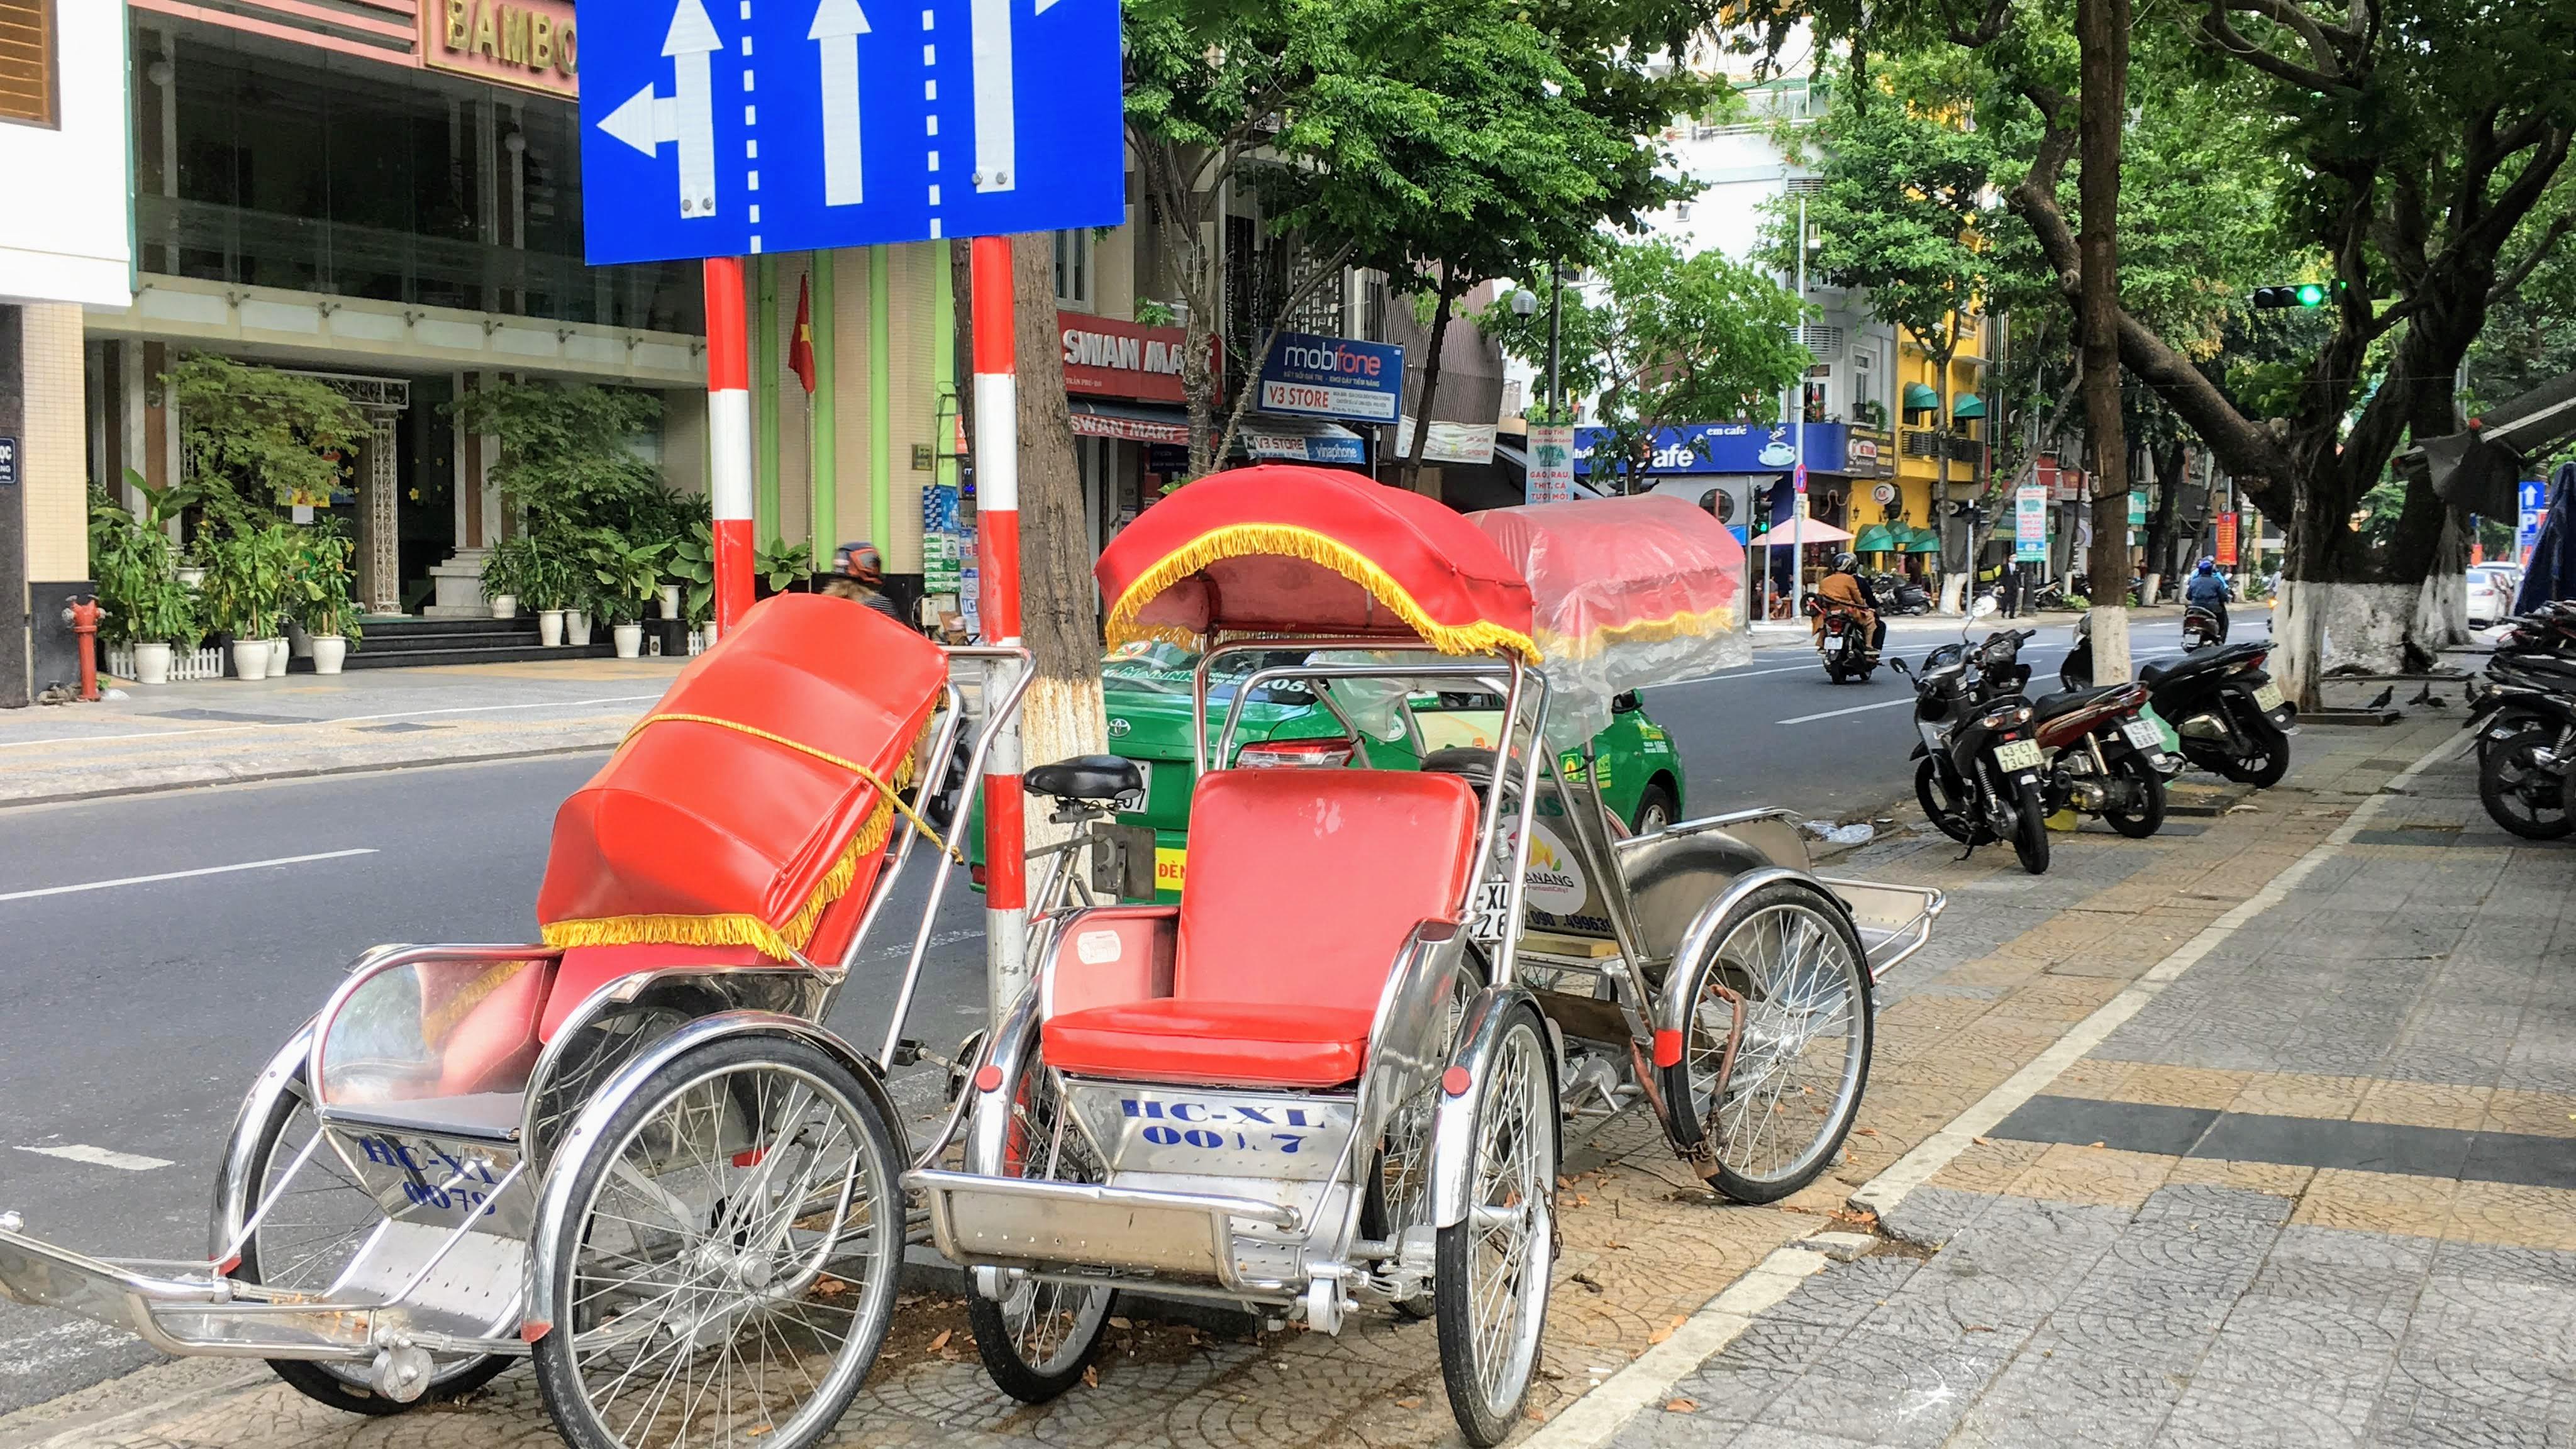 Các điểm du lịch nức tiếng Đà Nẵng trước kì nghỉ lễ 30/4 và 1/5 - Ảnh 5.